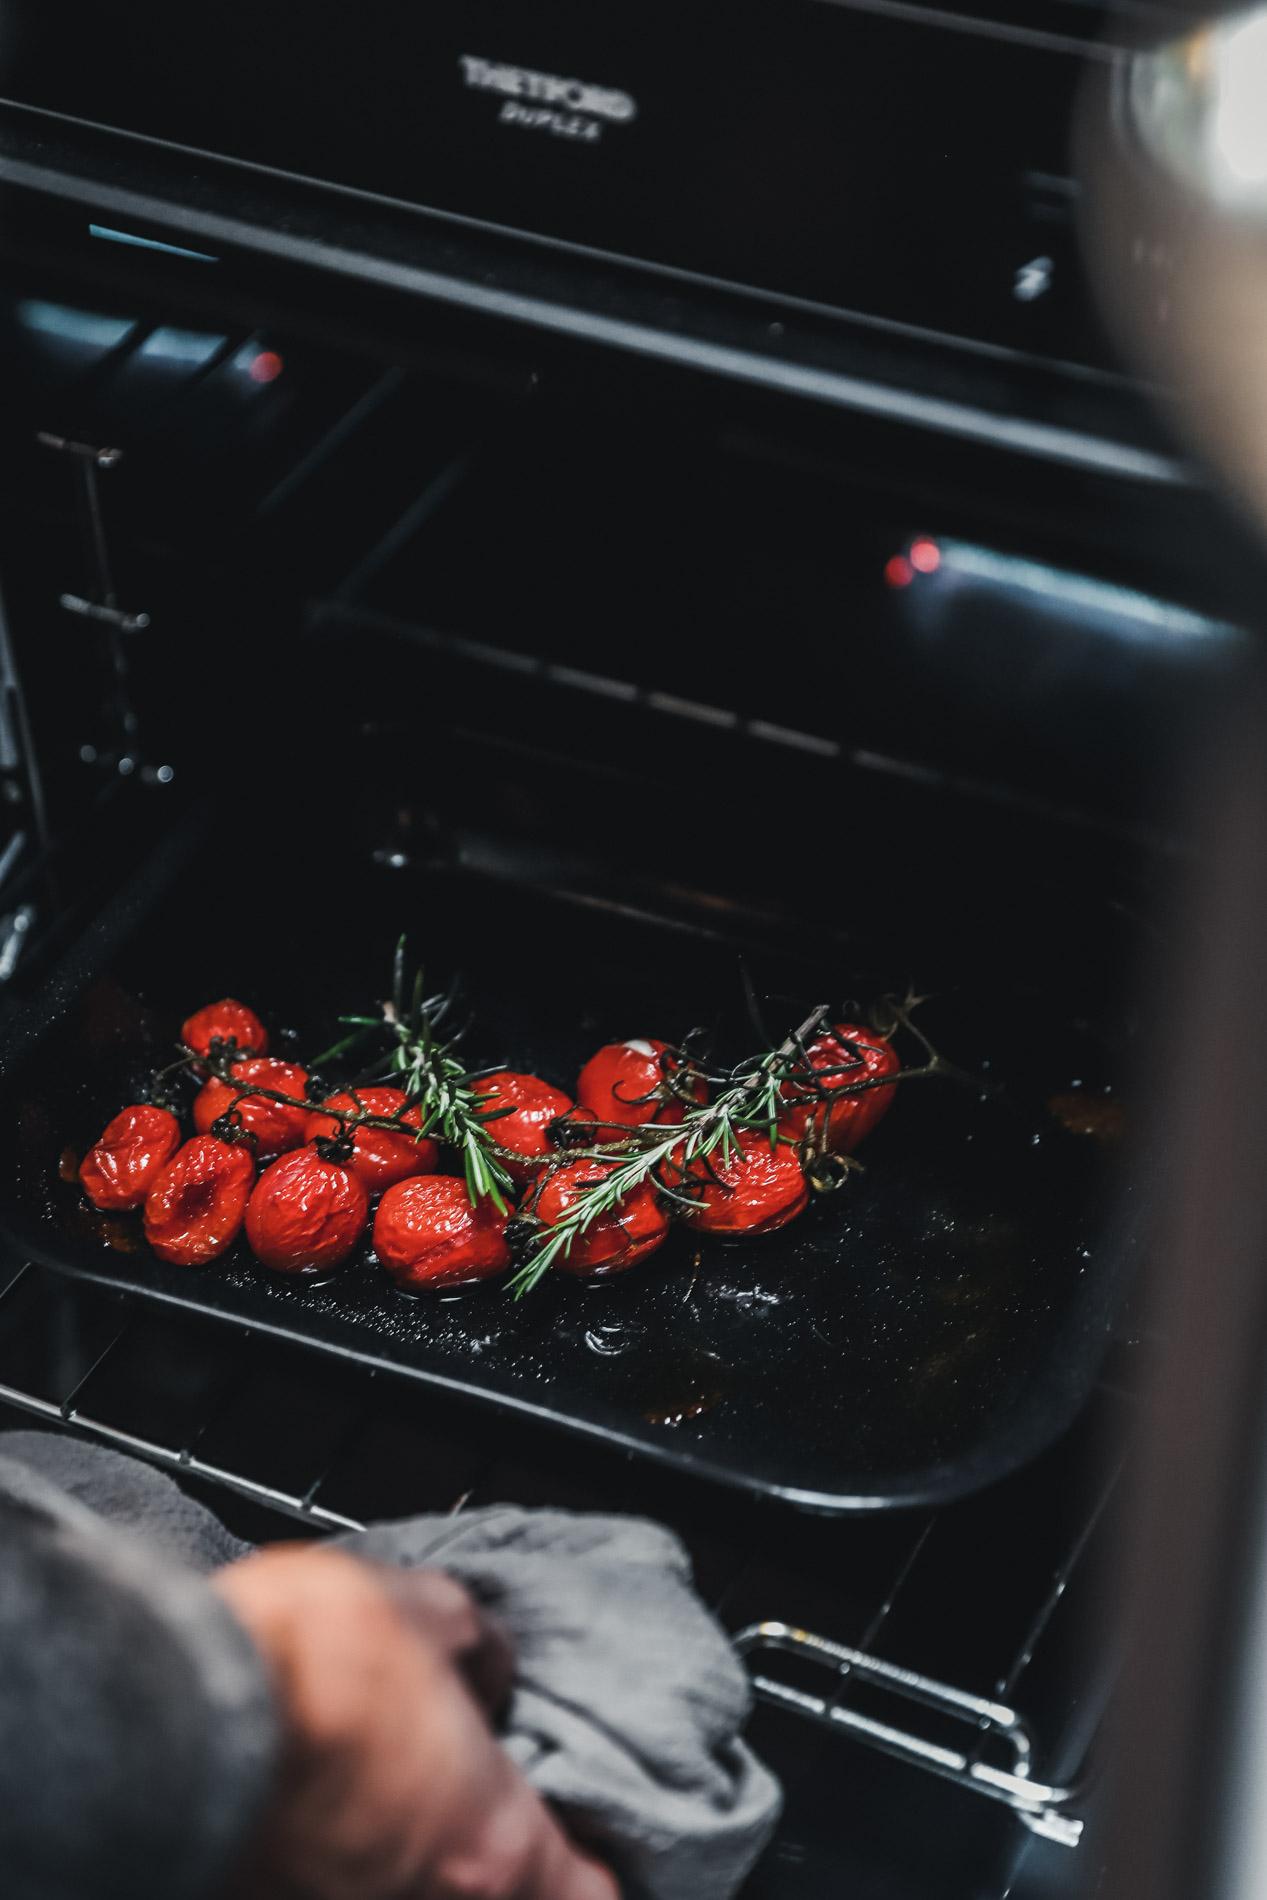 Mit frischen Zutaten vom Markt kann man im Camper super Kochen.